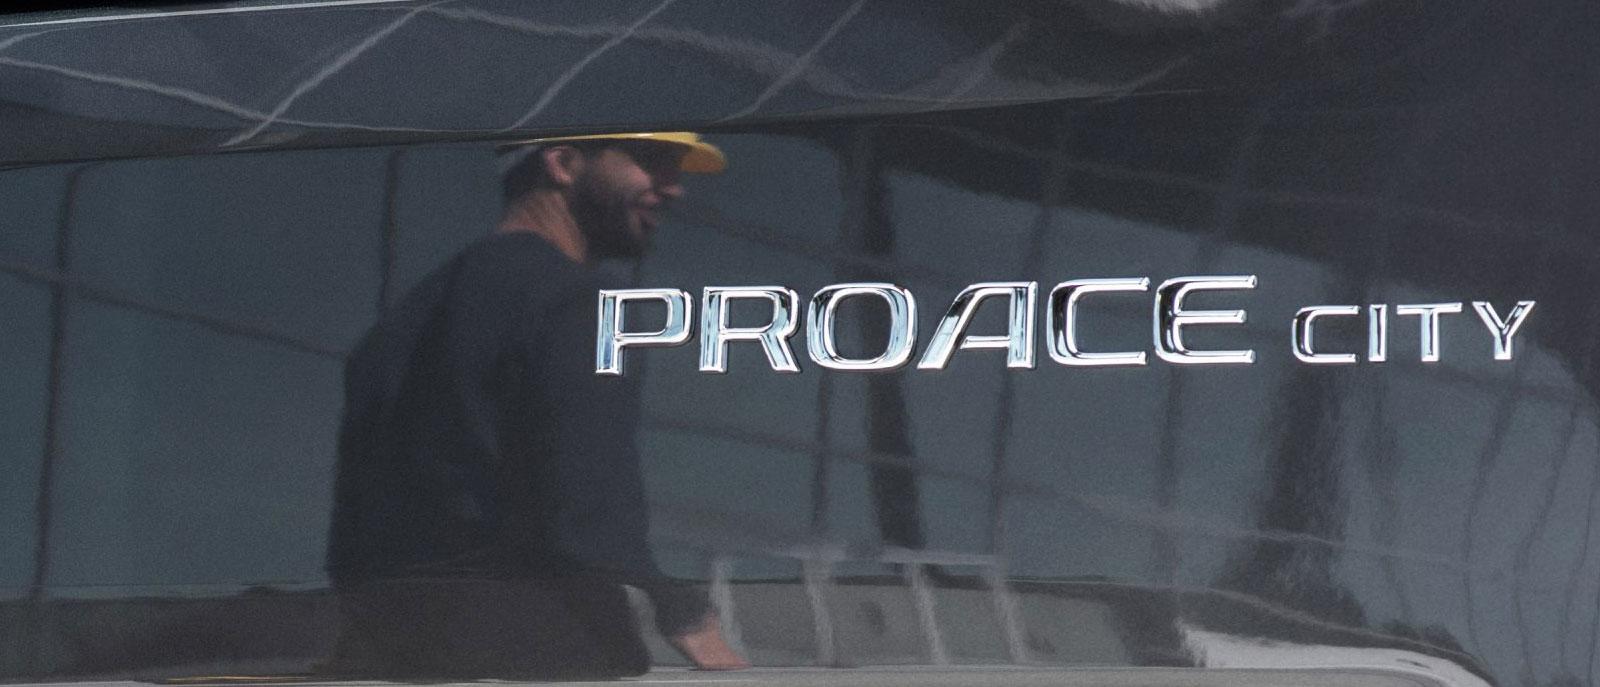 proacecity